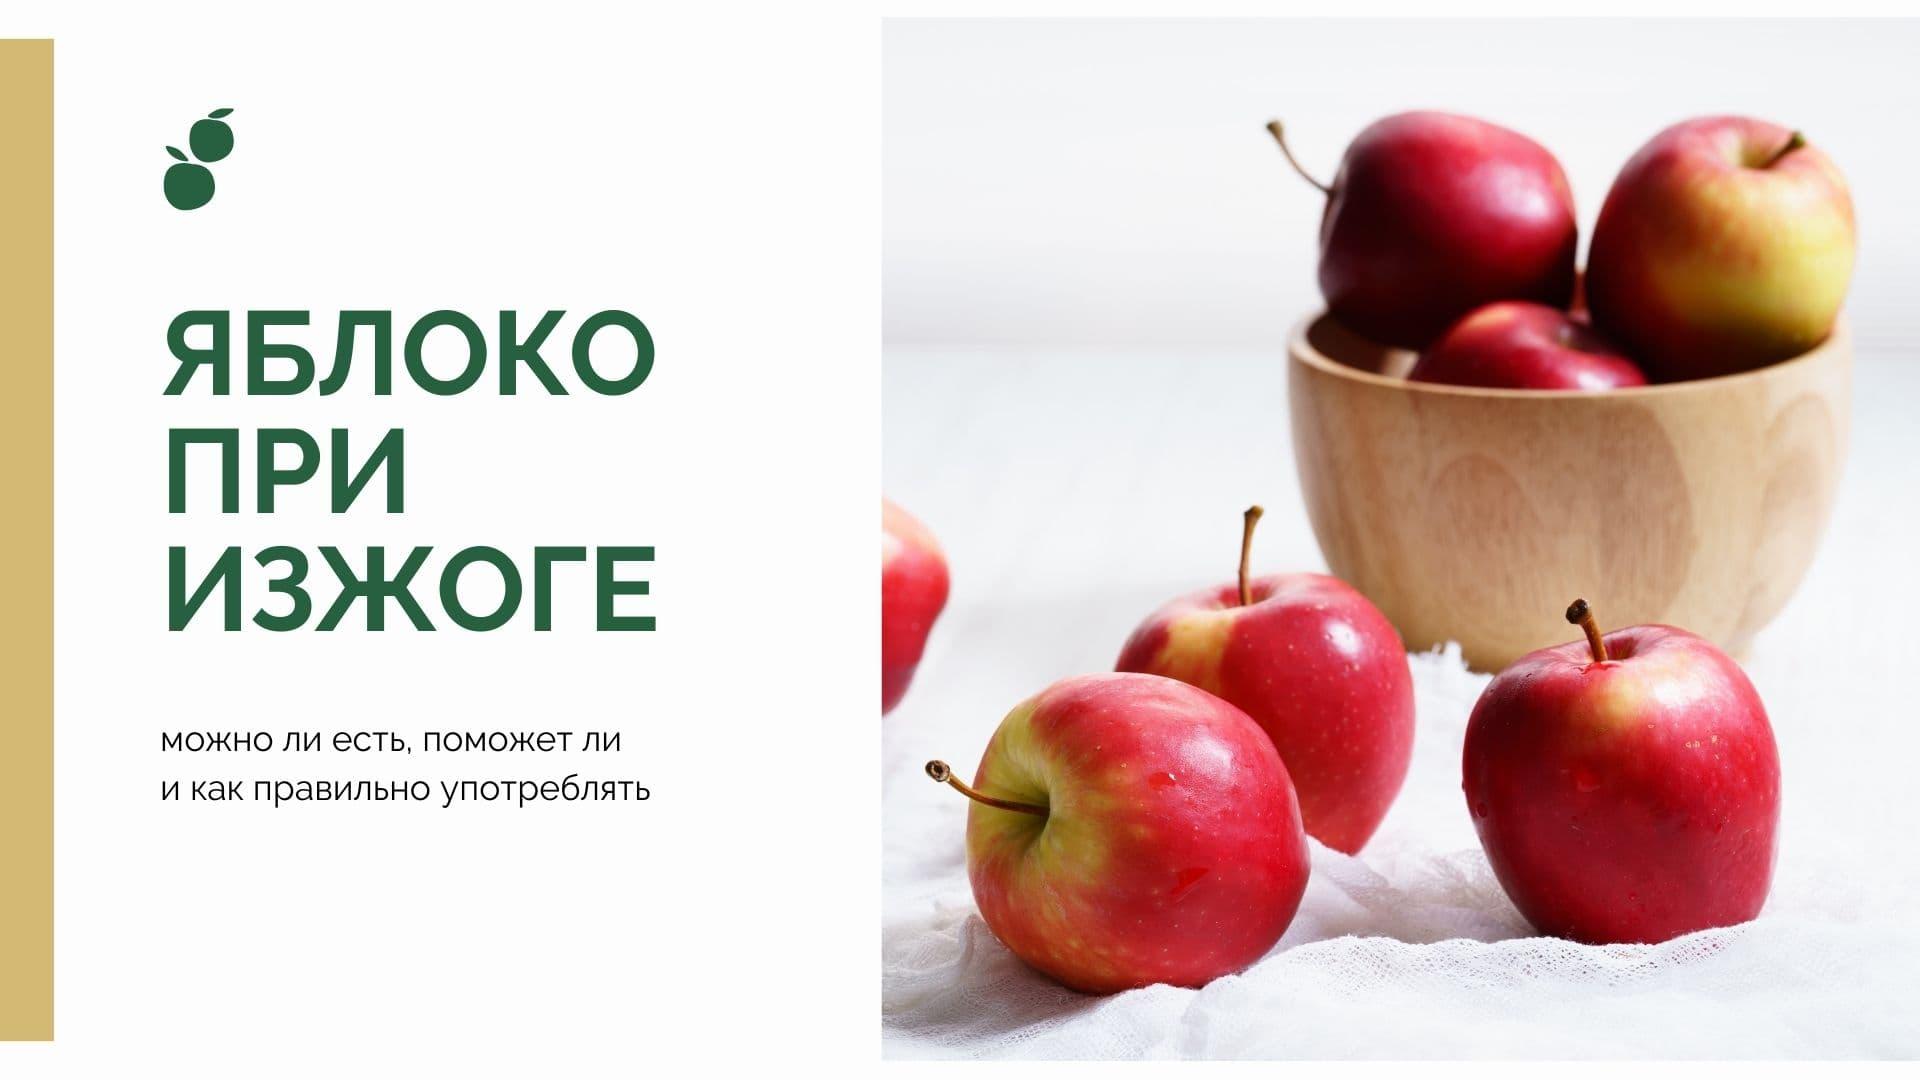 Яблоко при изжоге: можно ли есть, поможет ли и как правильно употреблять